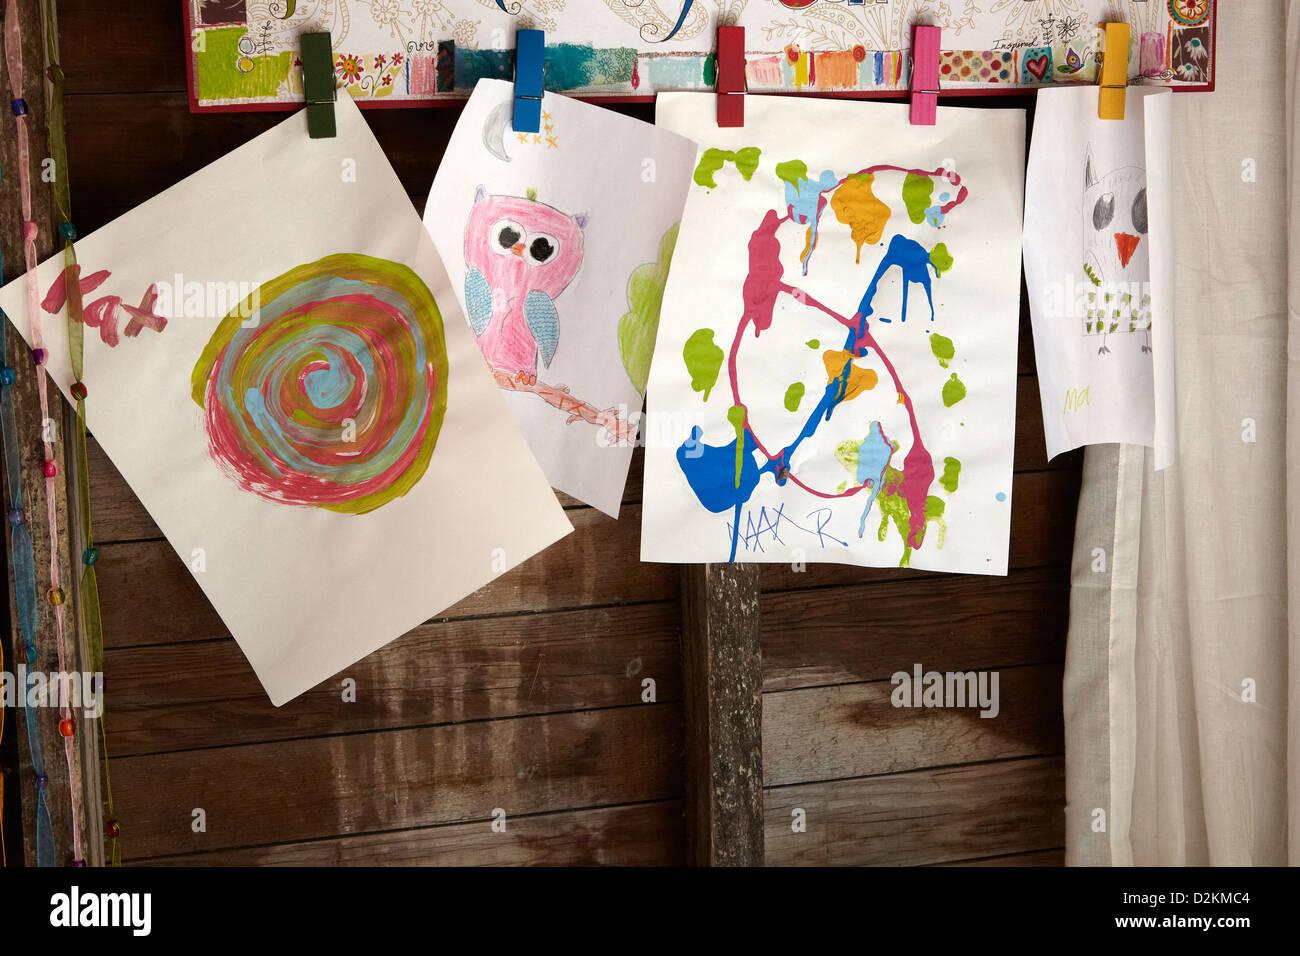 Los niños muestran obras de arte Foto de stock